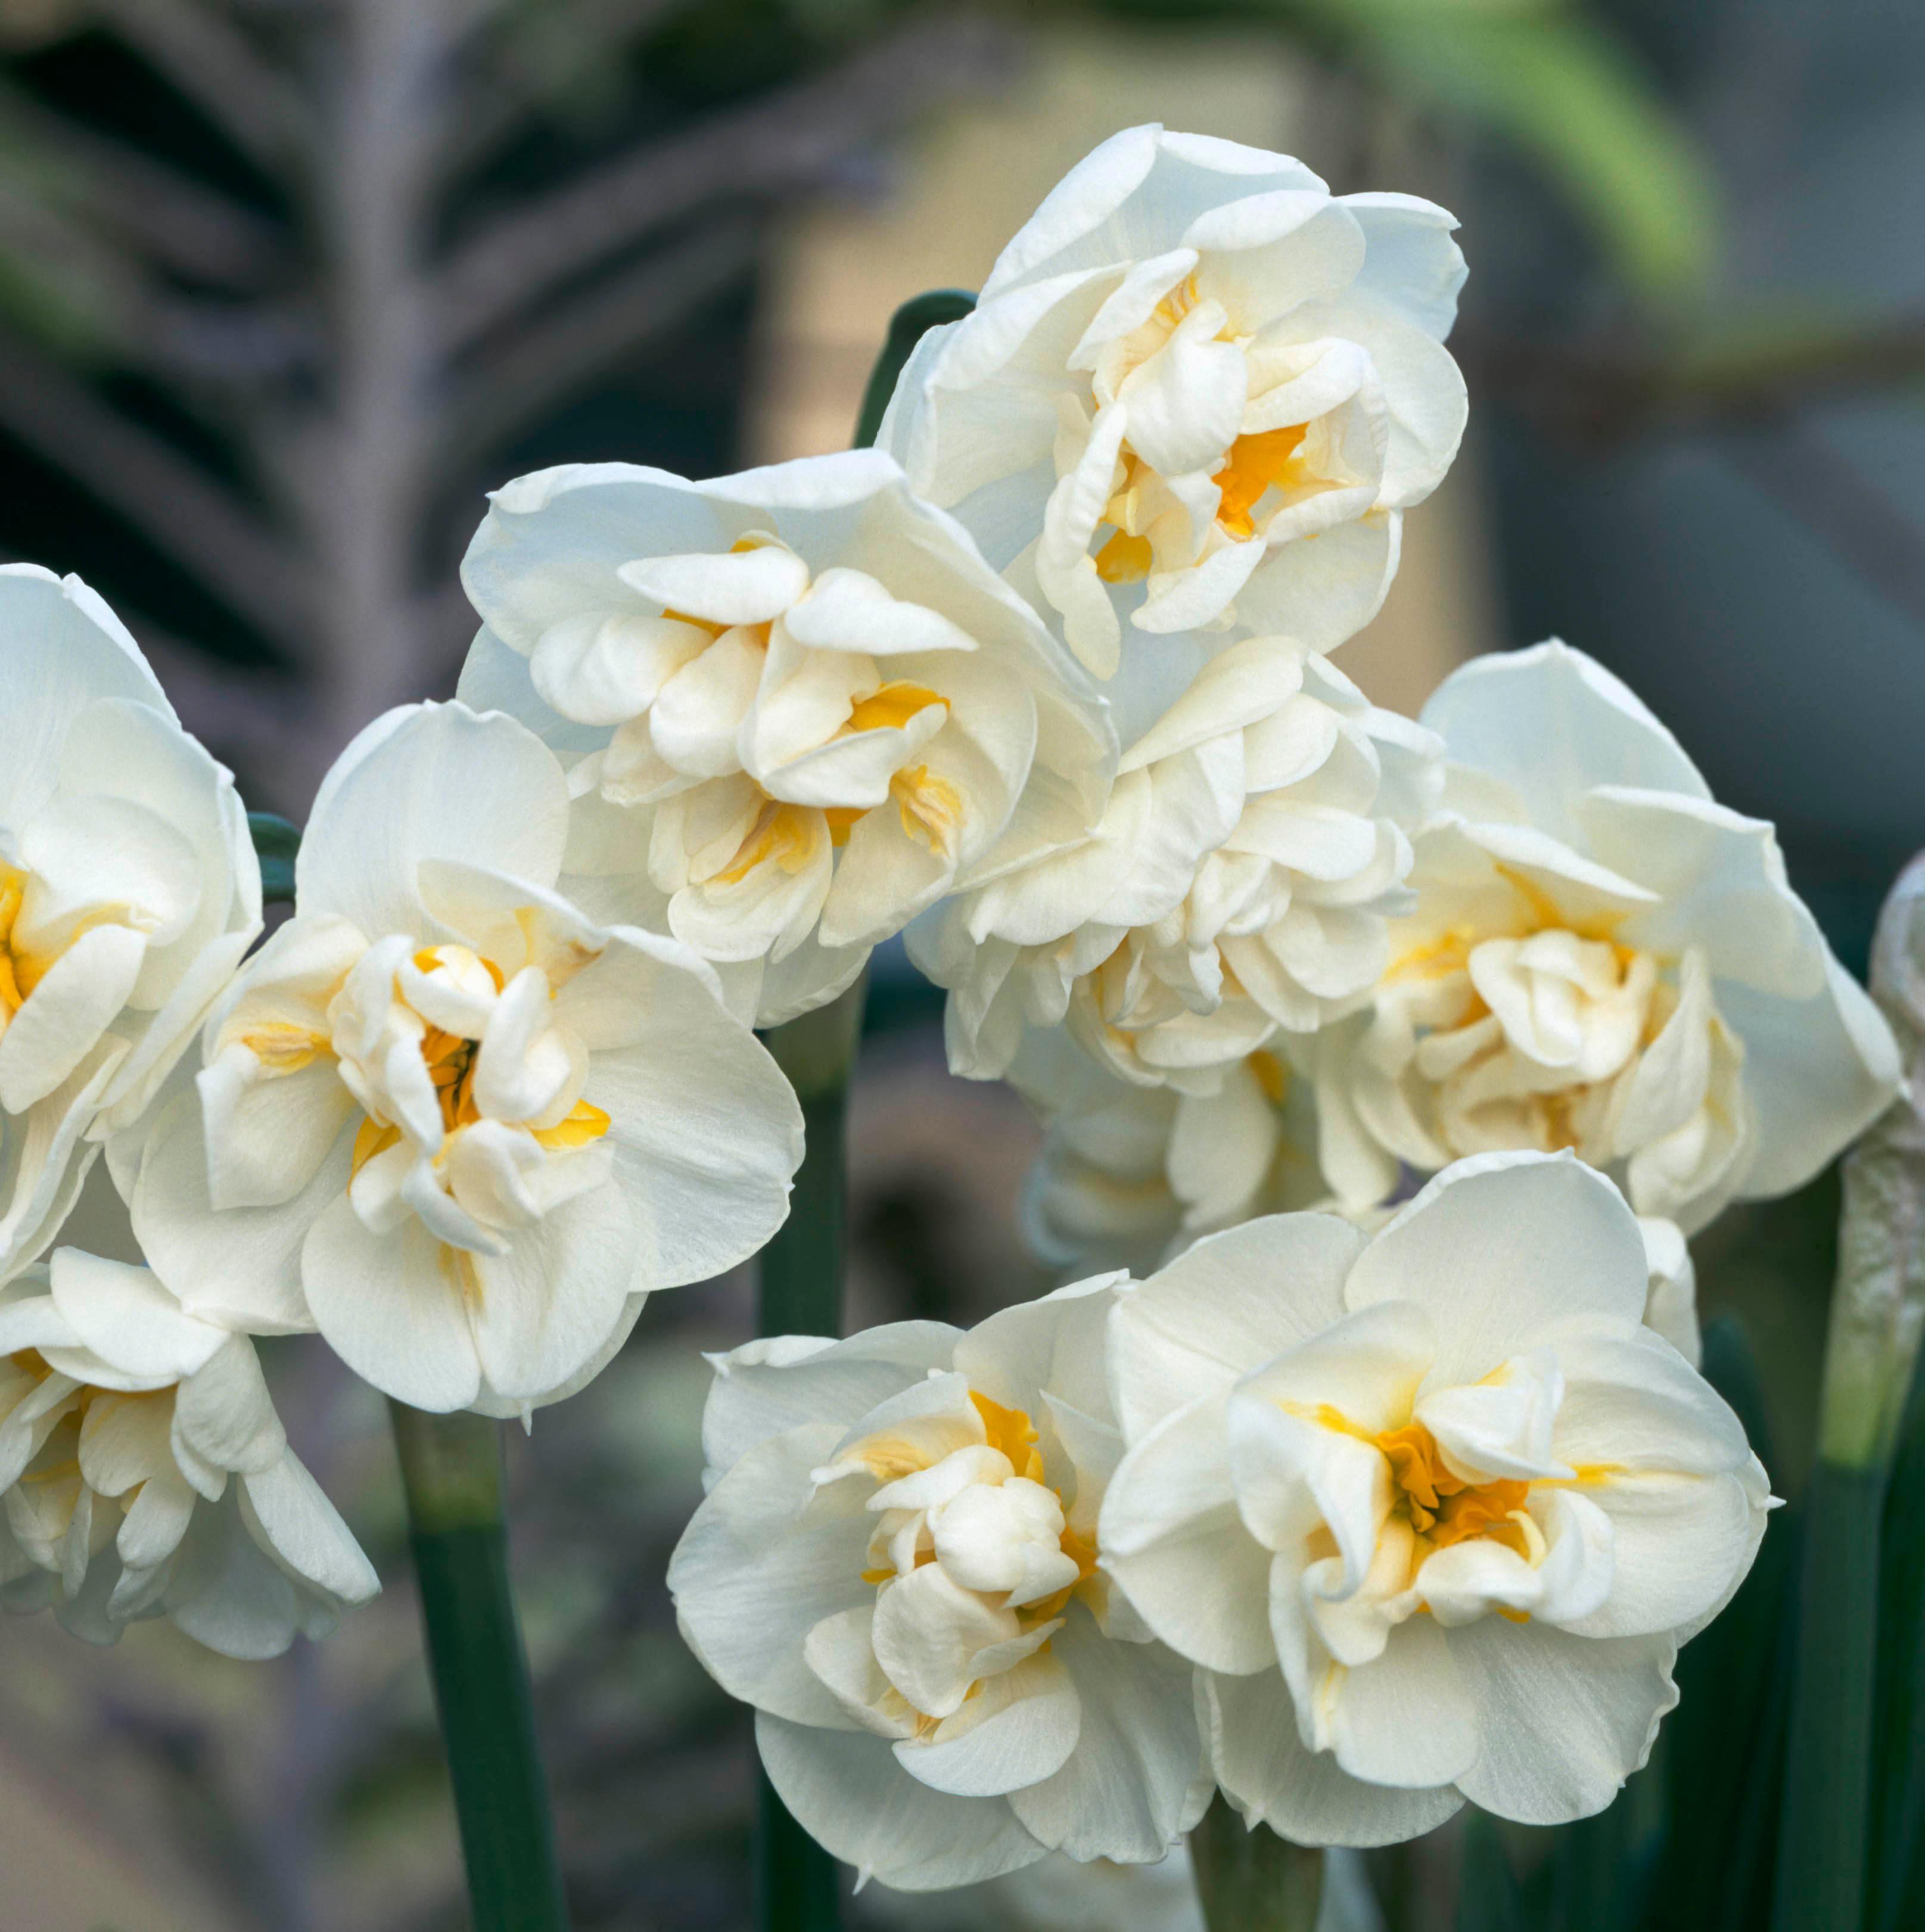 Садовые цветы нарциссы: картинки и фото, выращивание в открытом грунте, посадка луковиц осенью